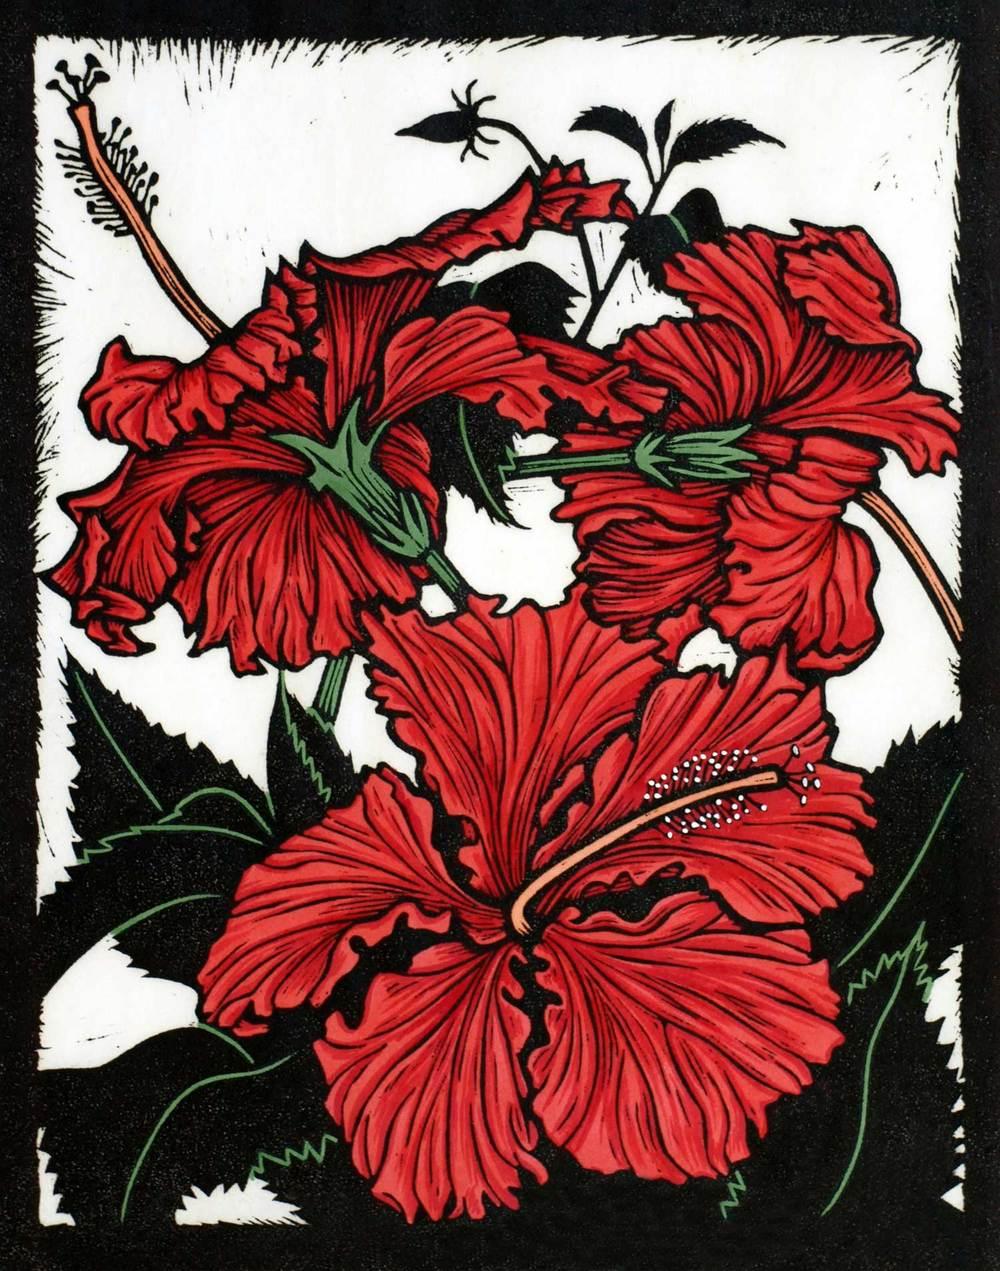 yanns-red-hibiscus-linocut-rachel-newling.jpg